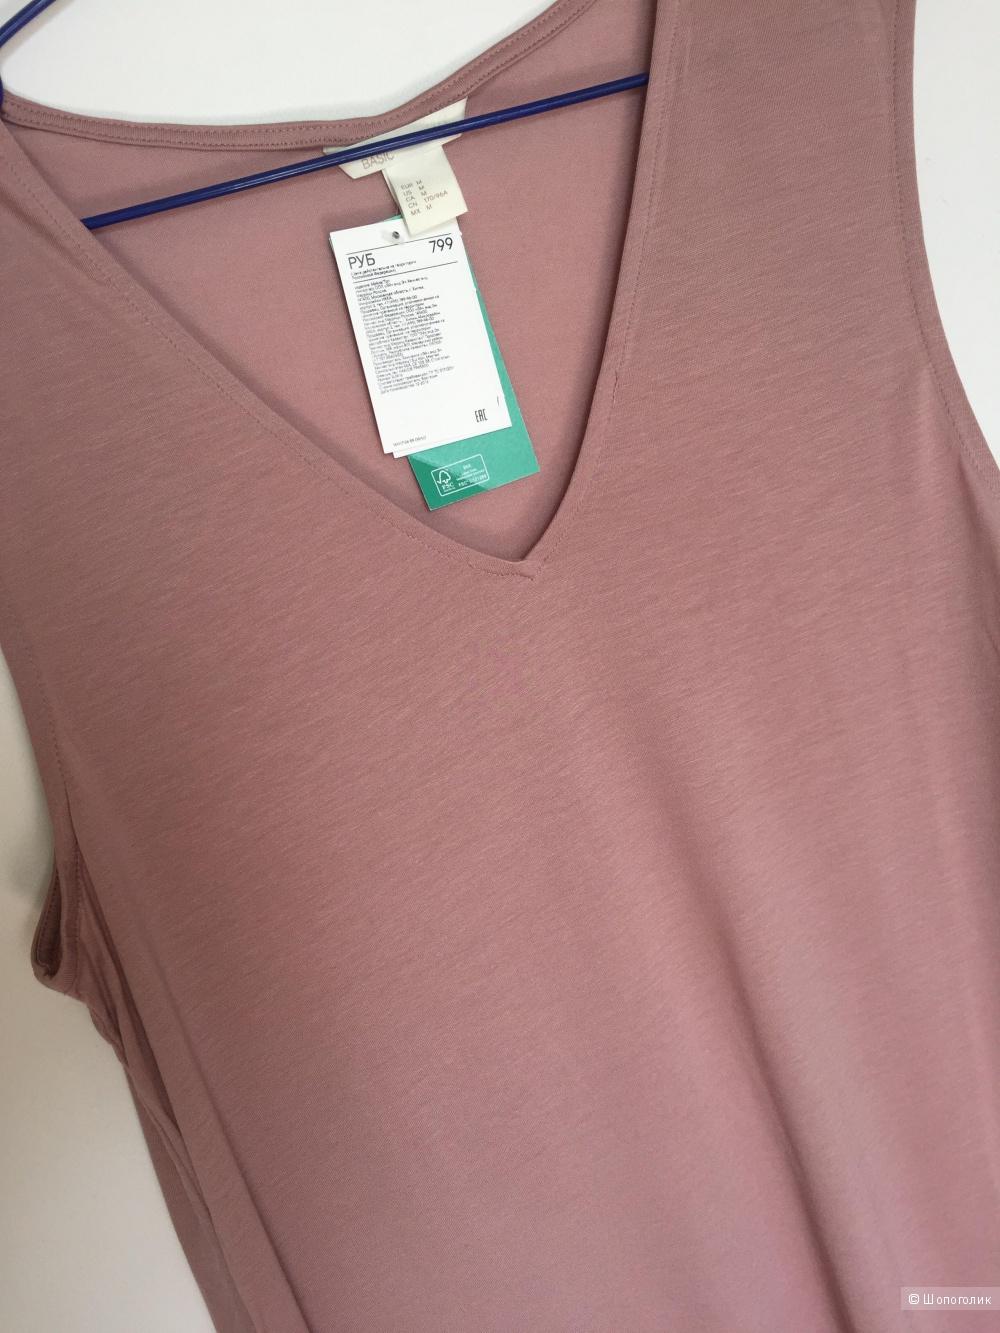 Блузка топ hm размер м